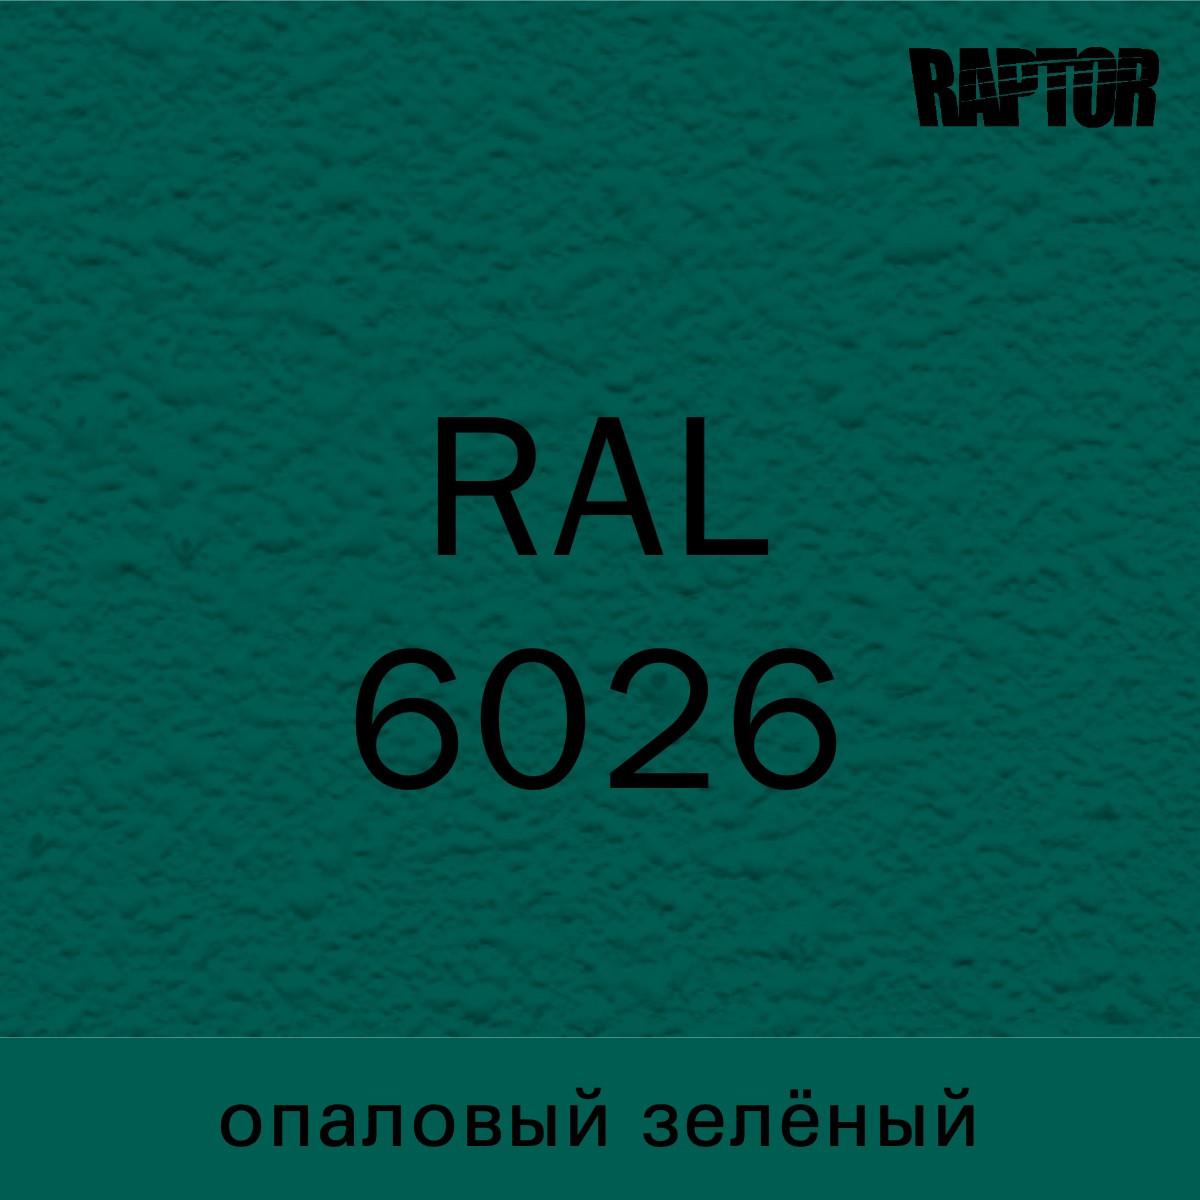 Пигмент для колеровки покрытия RAPTOR™ Опаловый зелёный (RAL 6026)